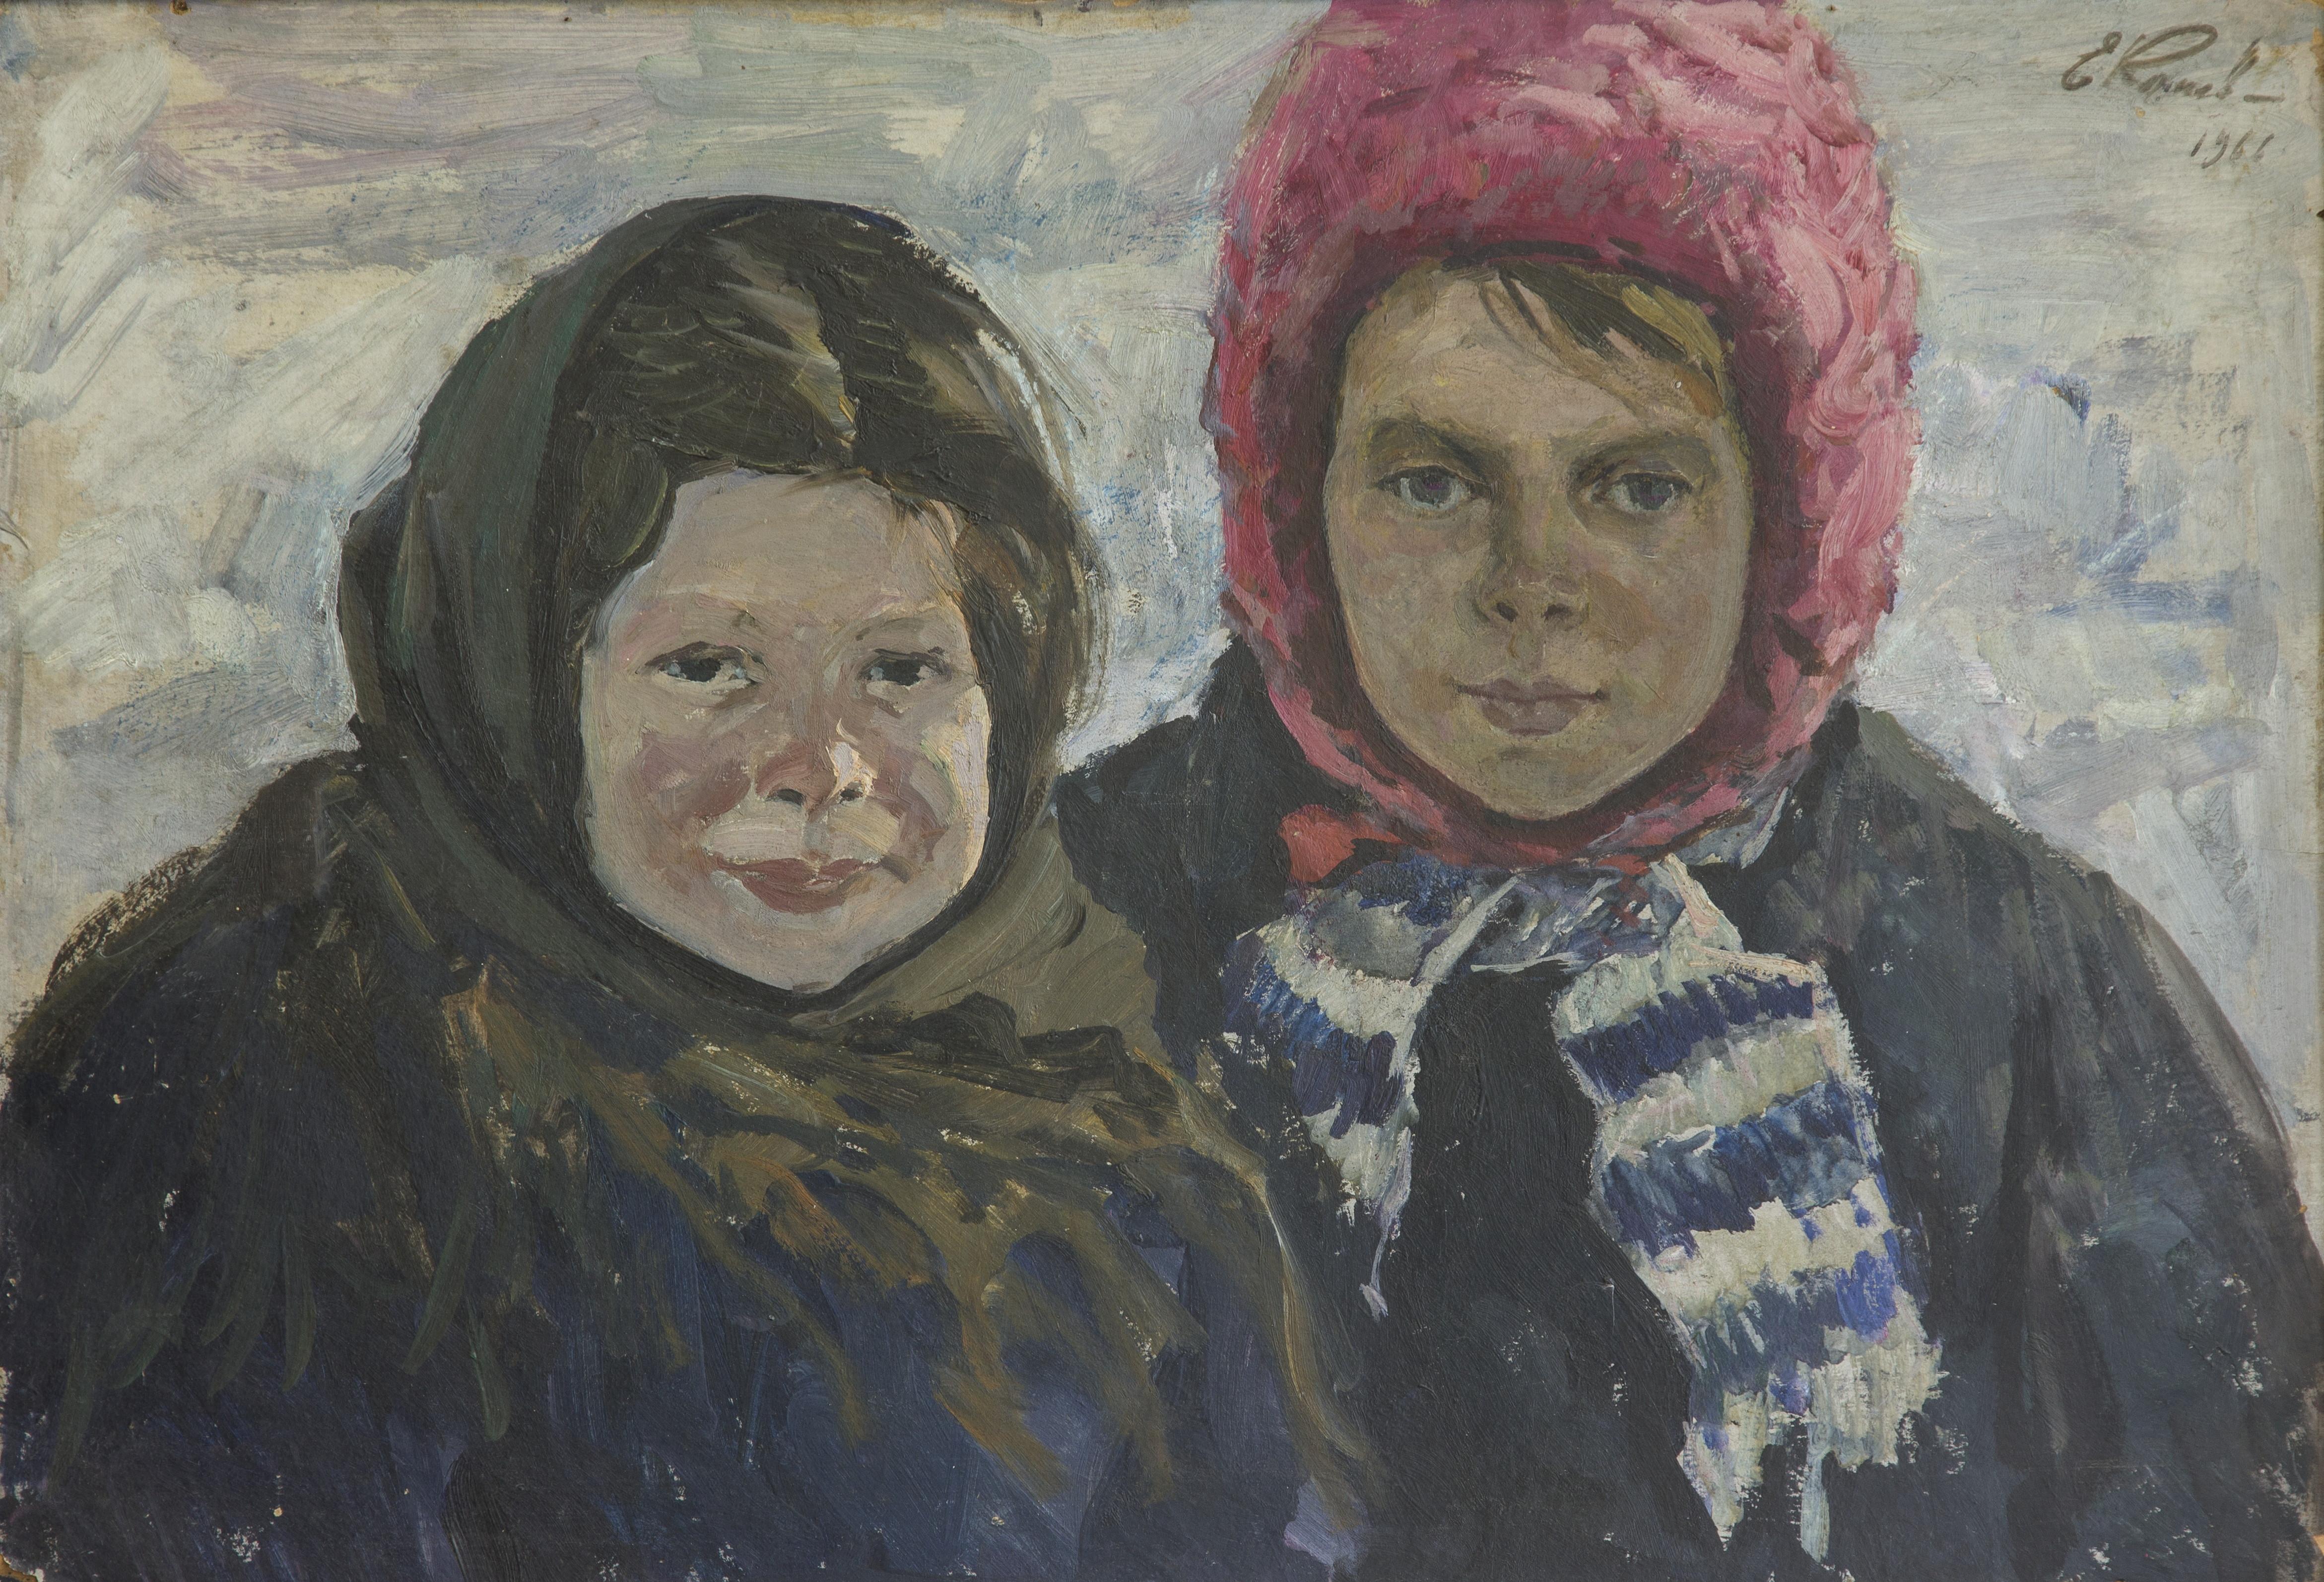 Сельские девочки Таня и Люся, Конев Евтихий